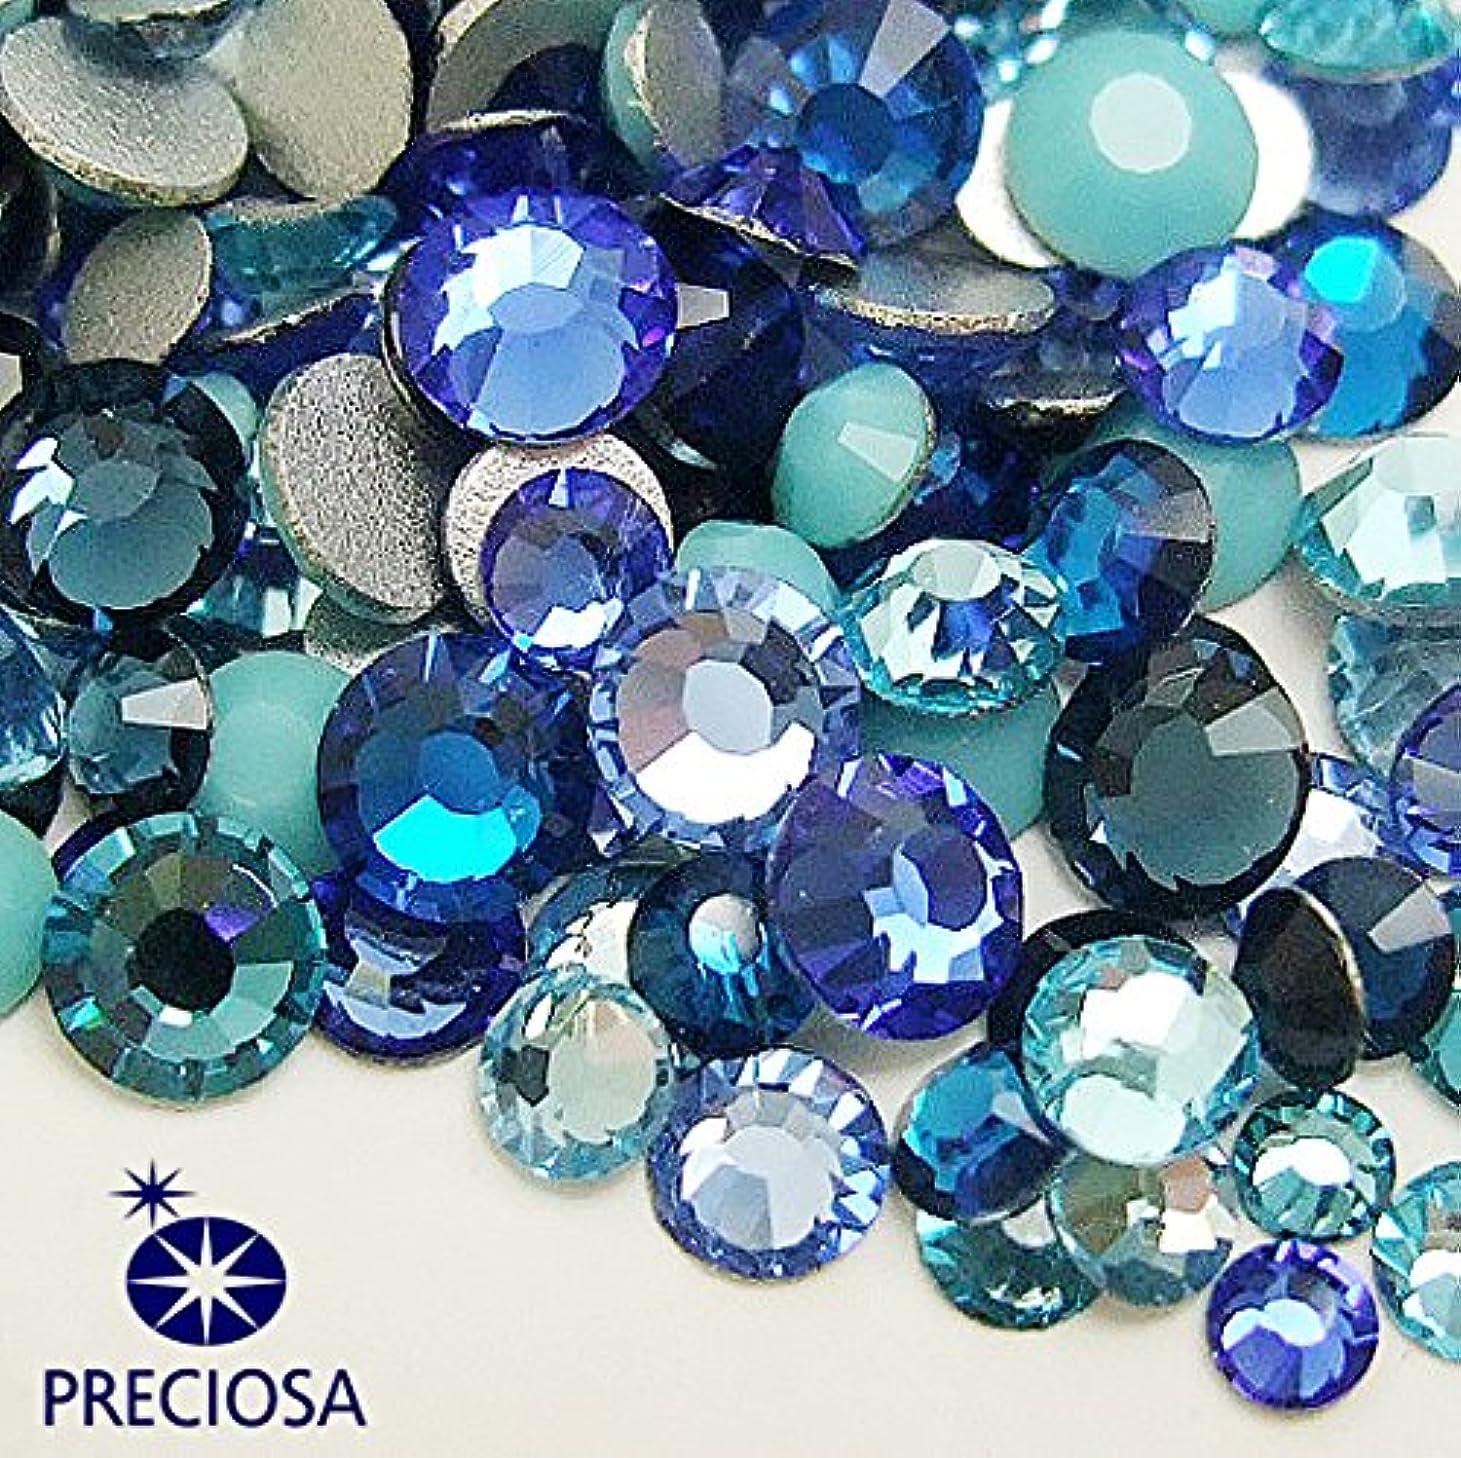 行進カカドゥレビュープレシオサ(PRECIOSA) チェコ製ラインストーン【お試しMIX】 ブルー系 160粒入